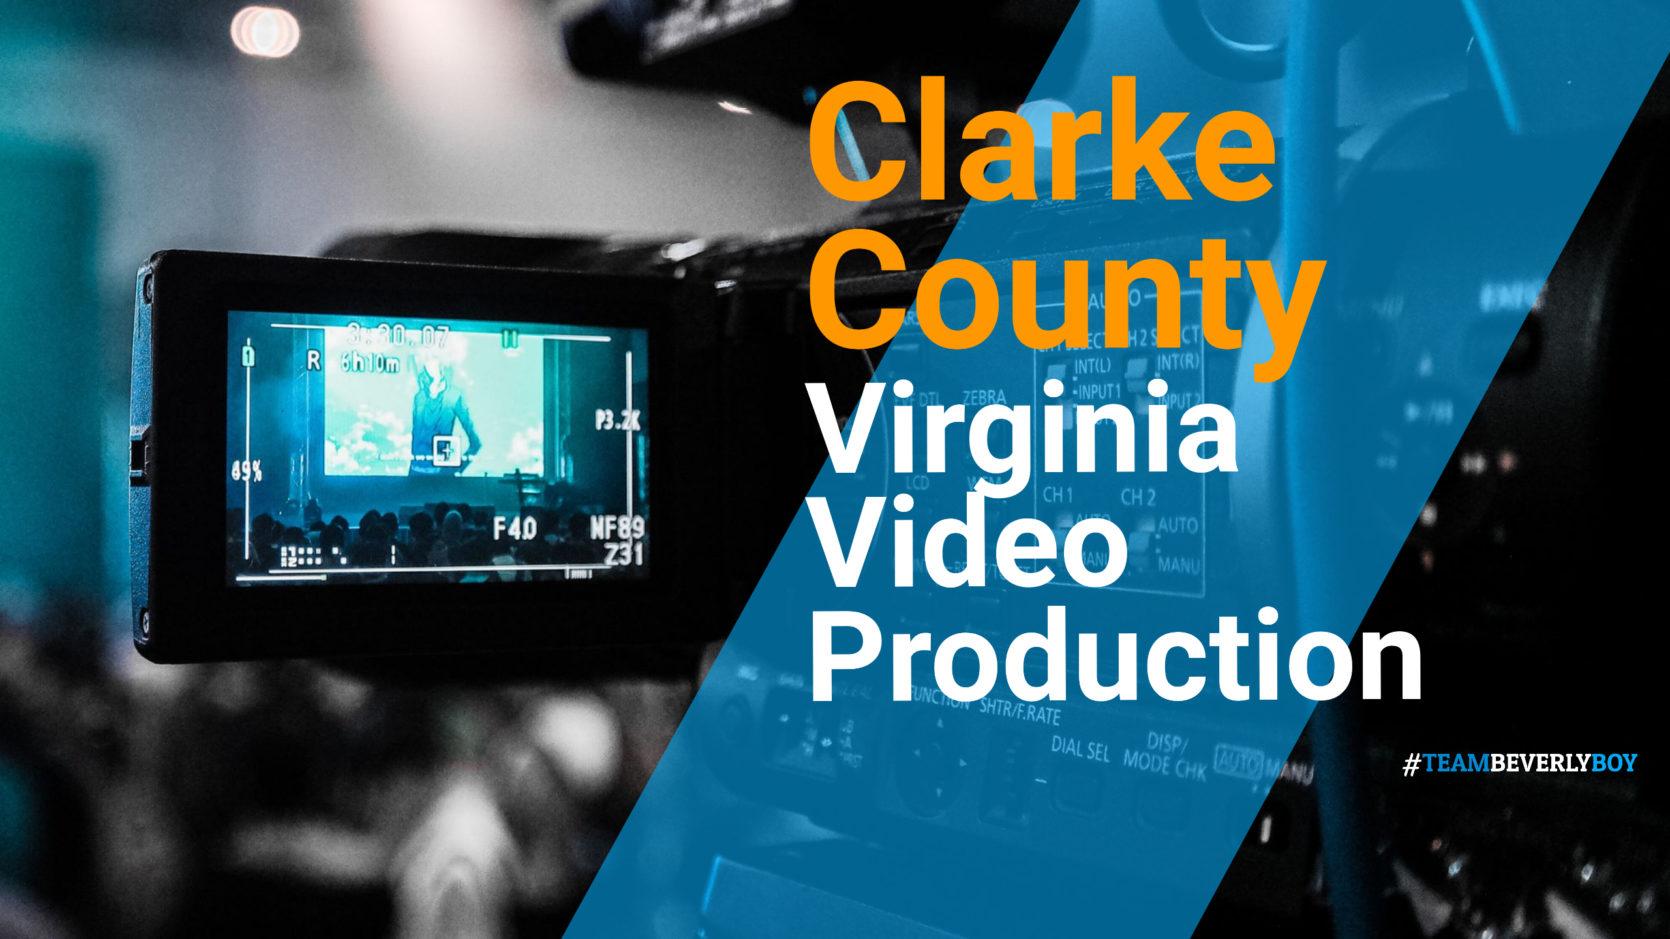 Clarke County VA Video Production